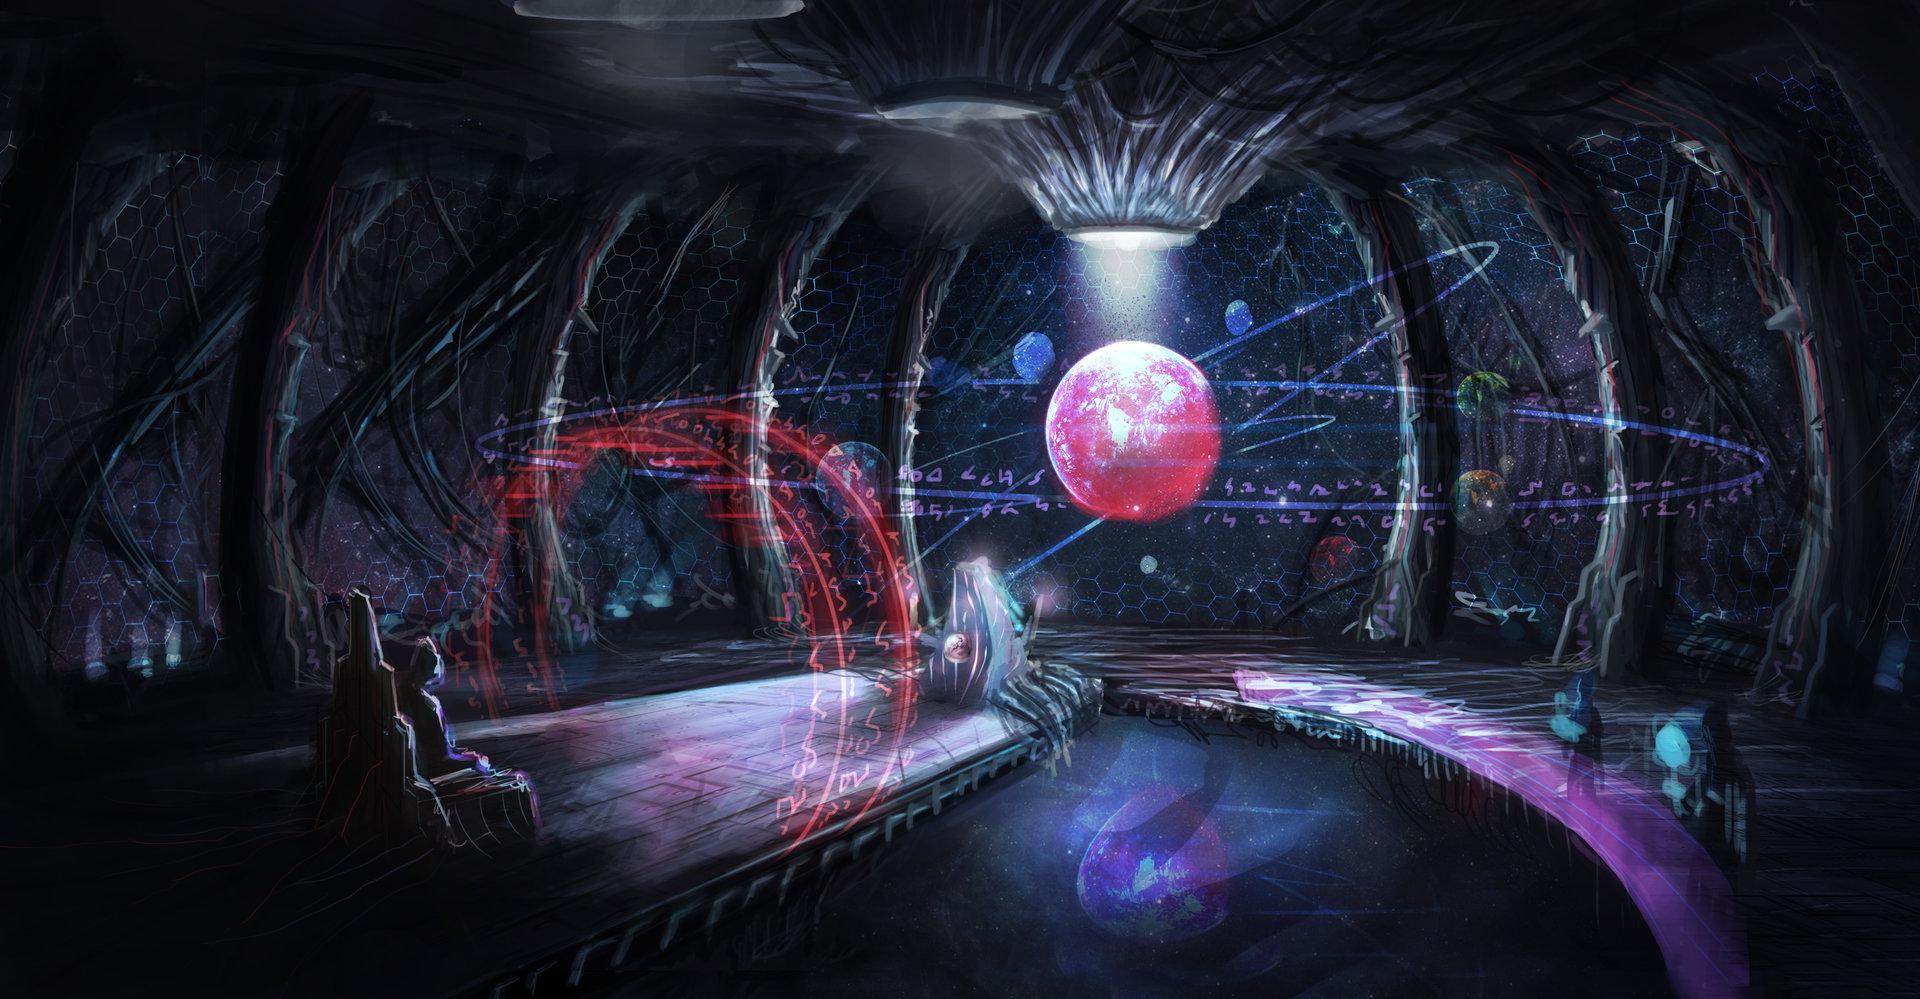 alien inside ship - HD1600×833